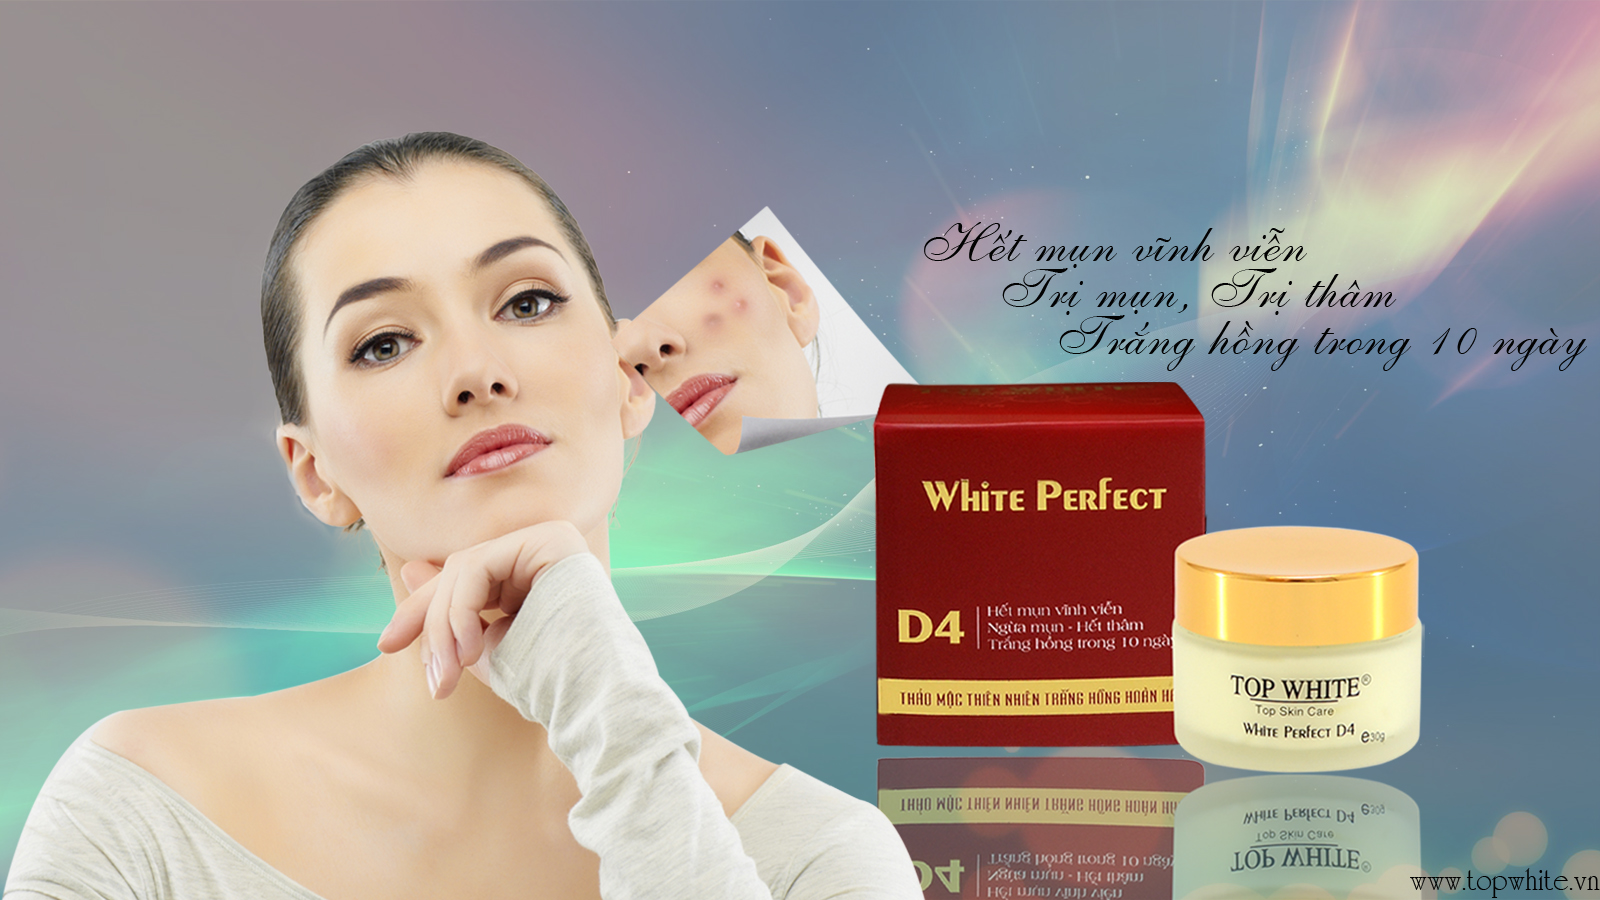 White Perfect D4 kem trị mụn, trị sẹo thâm vĩnh viễn